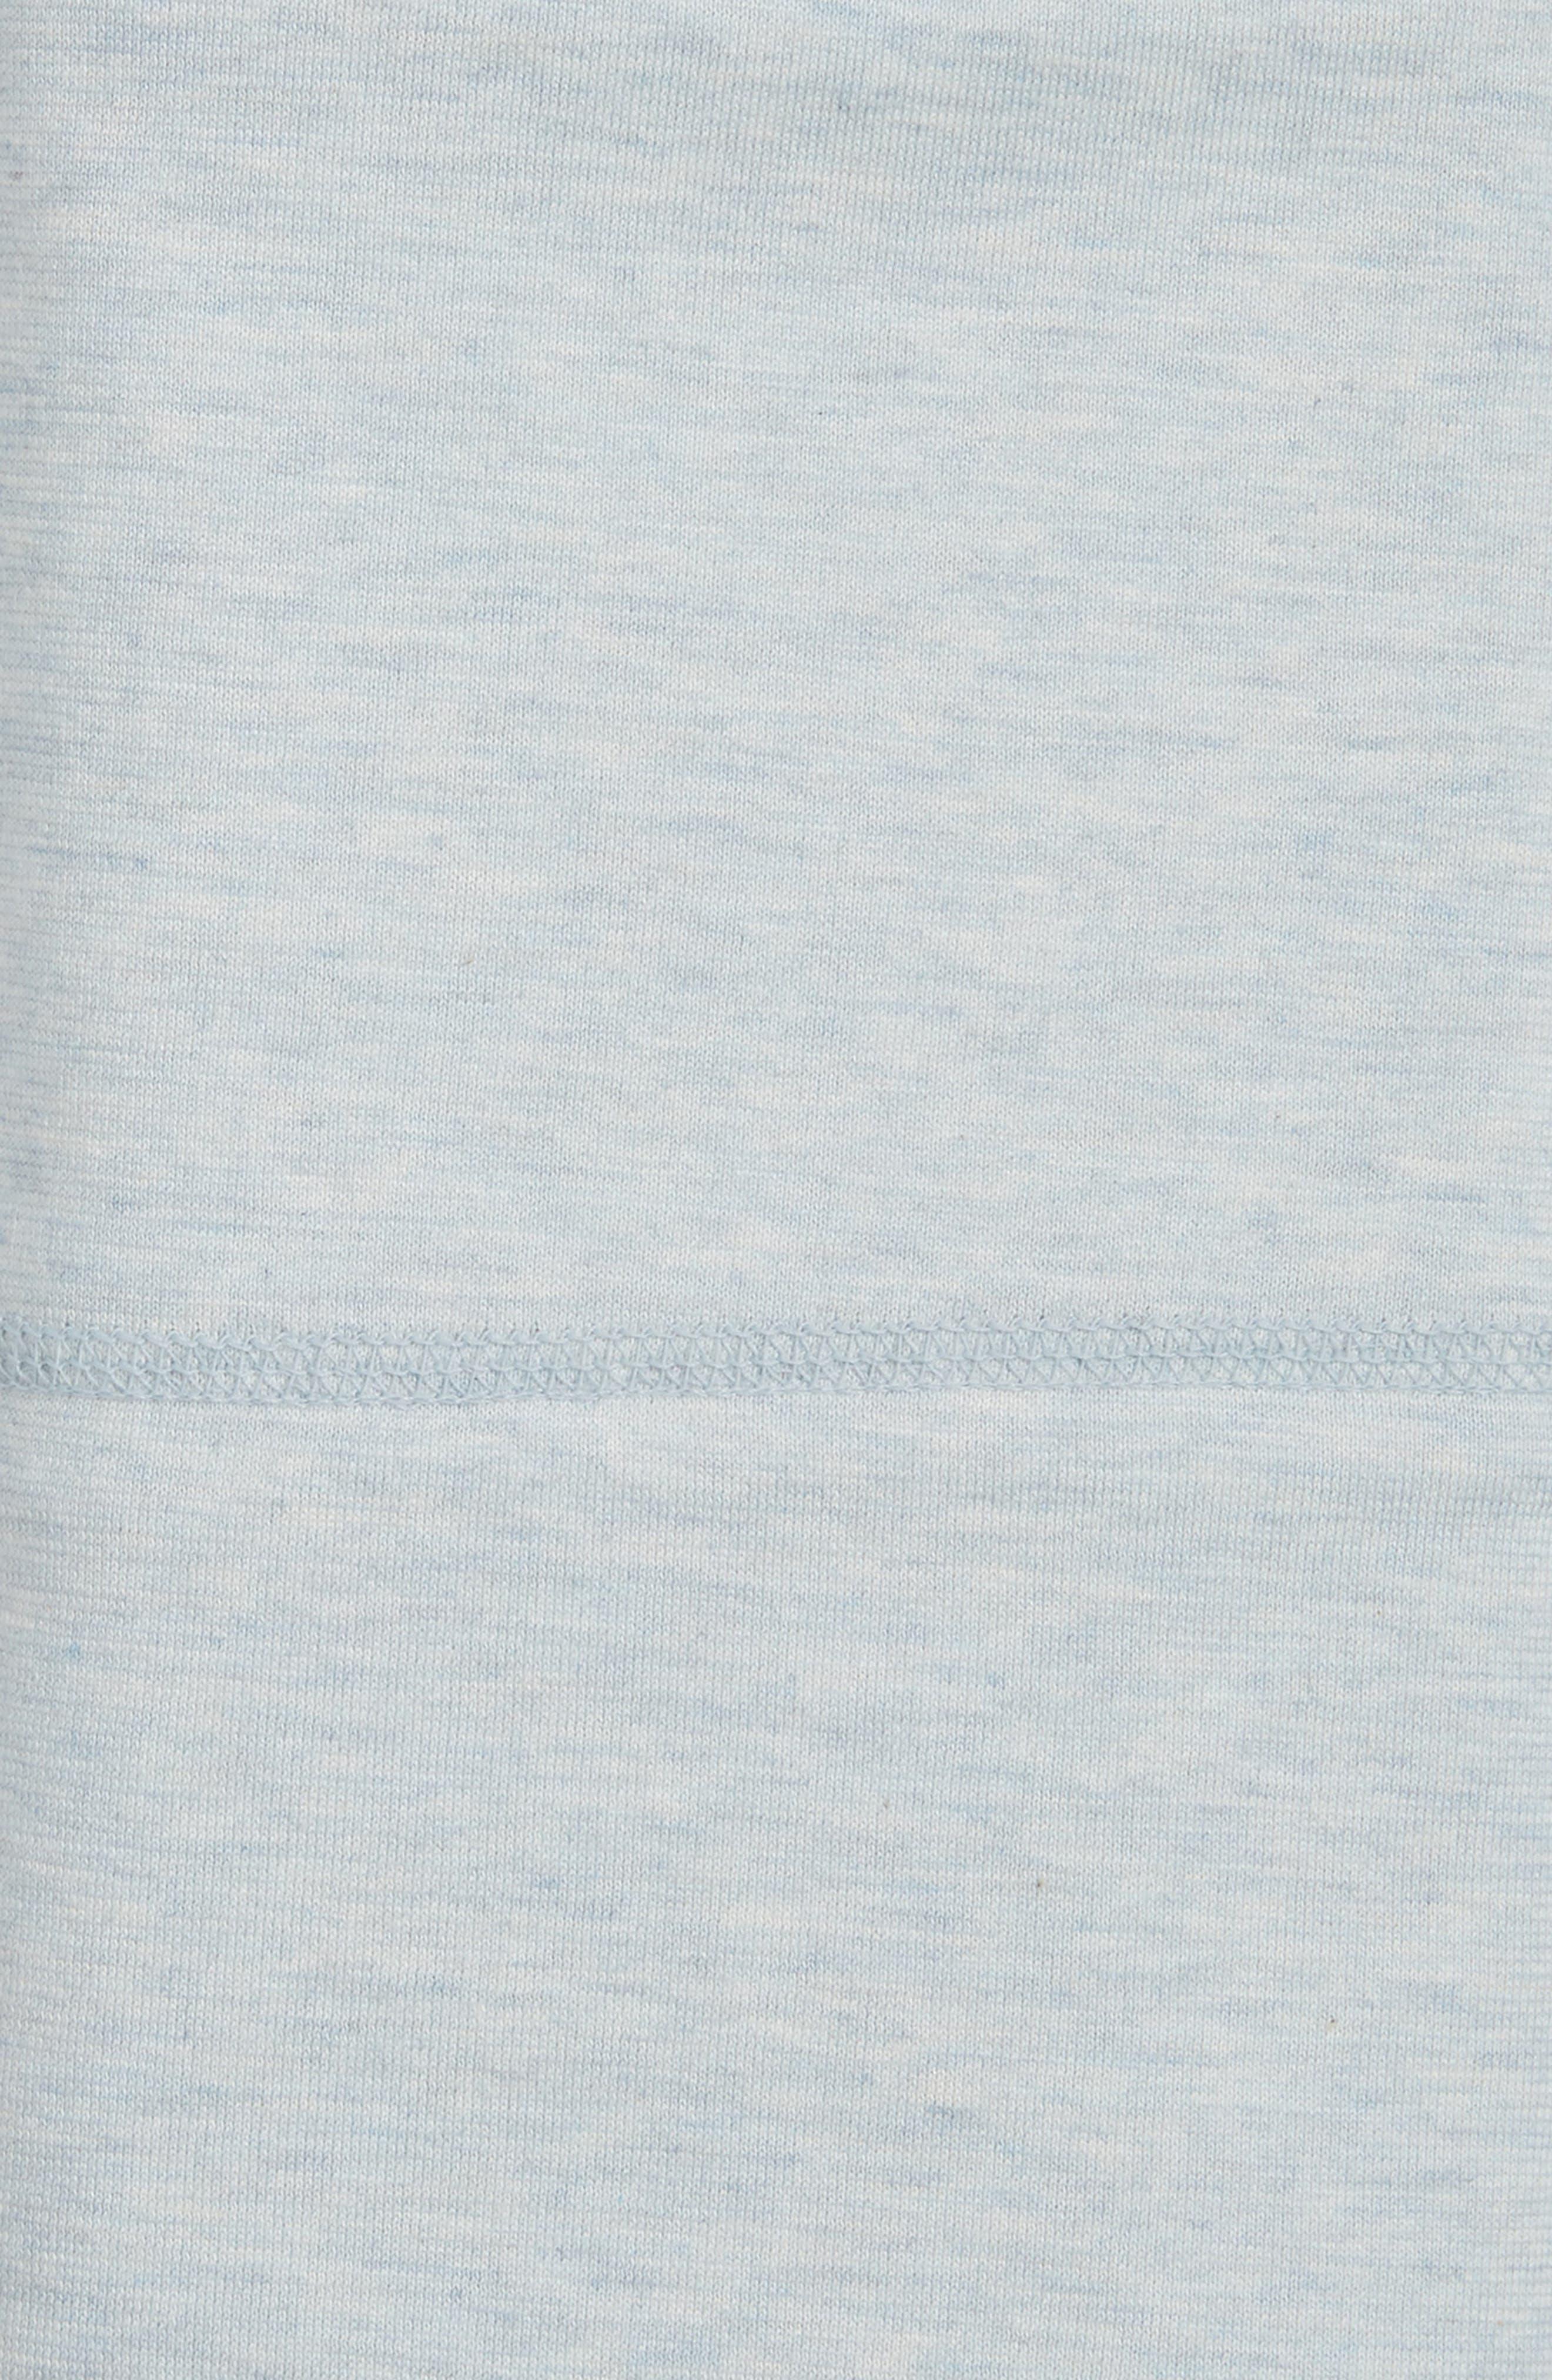 Modern Cotton Collection Cotton & Modal Pillowcases,                             Alternate thumbnail 2, color,                             020